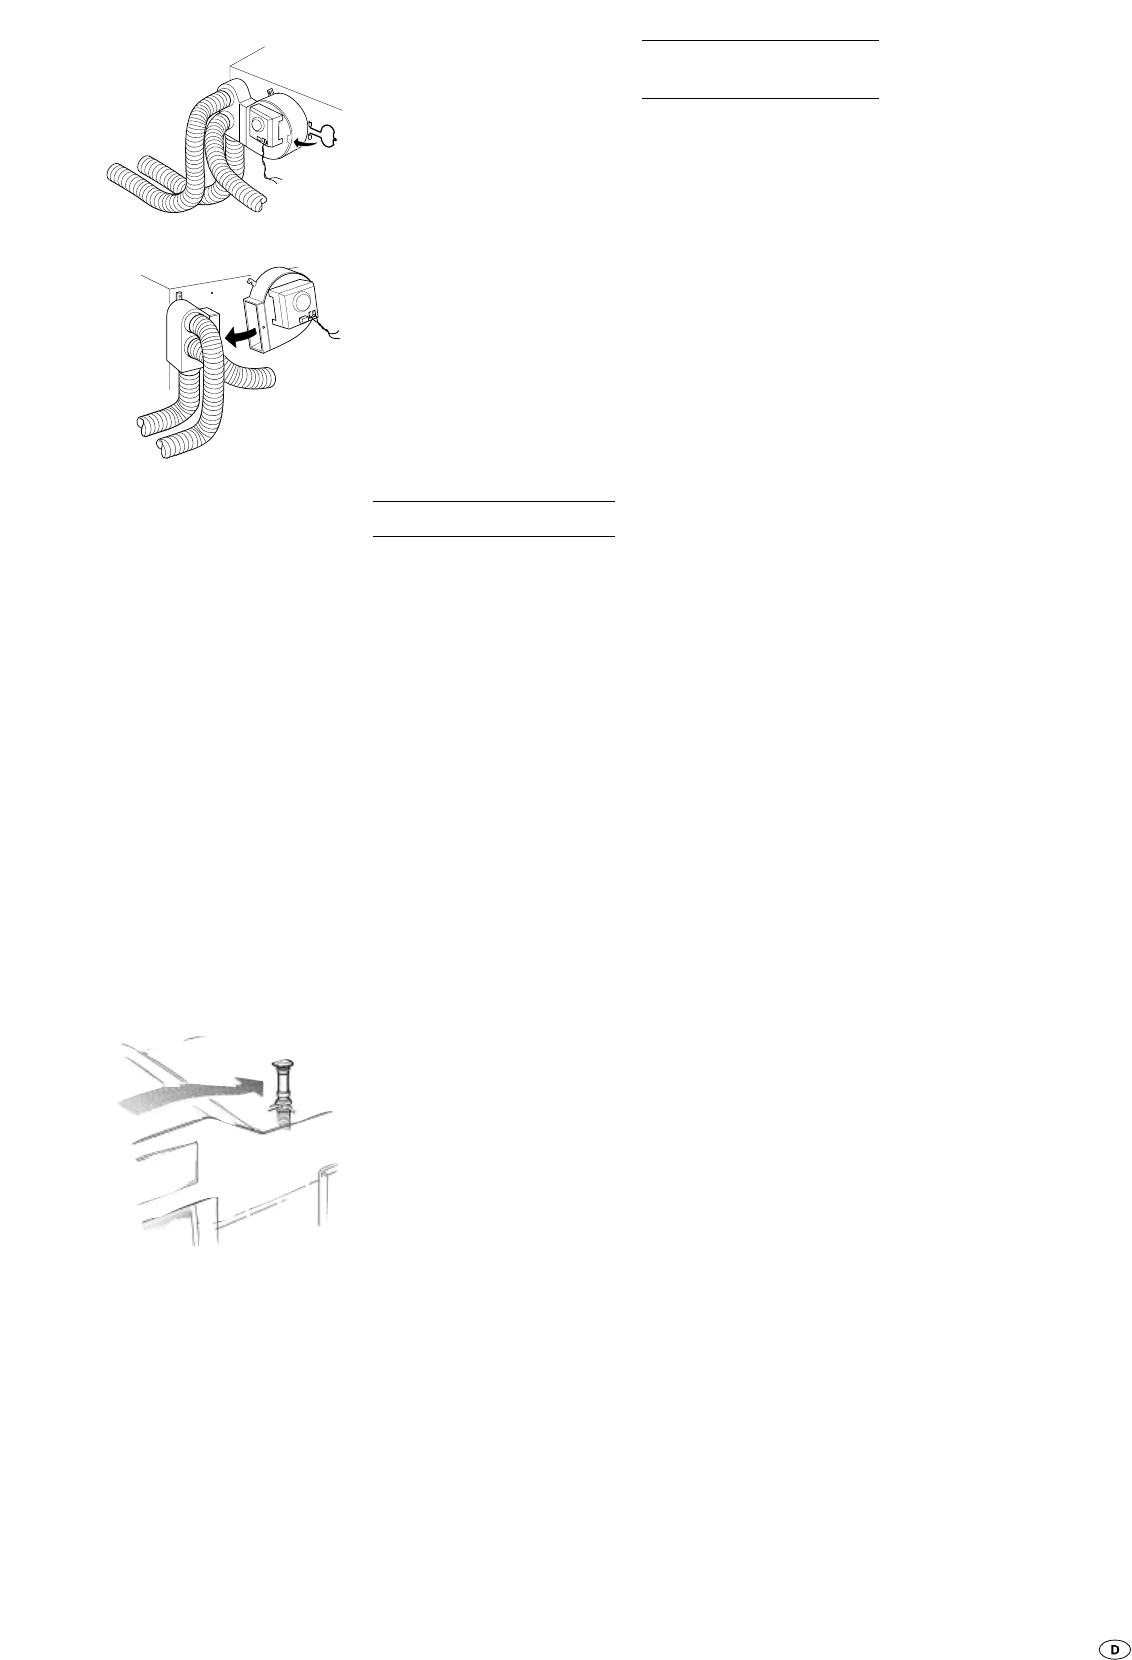 Bedienungsanleitung Trumatic S55t Seite 5 Von 24 Dnisch Deutsch Truma Caravan Heater Wiring Diagram Englisch Franzsisch Italienisch Hollndisch